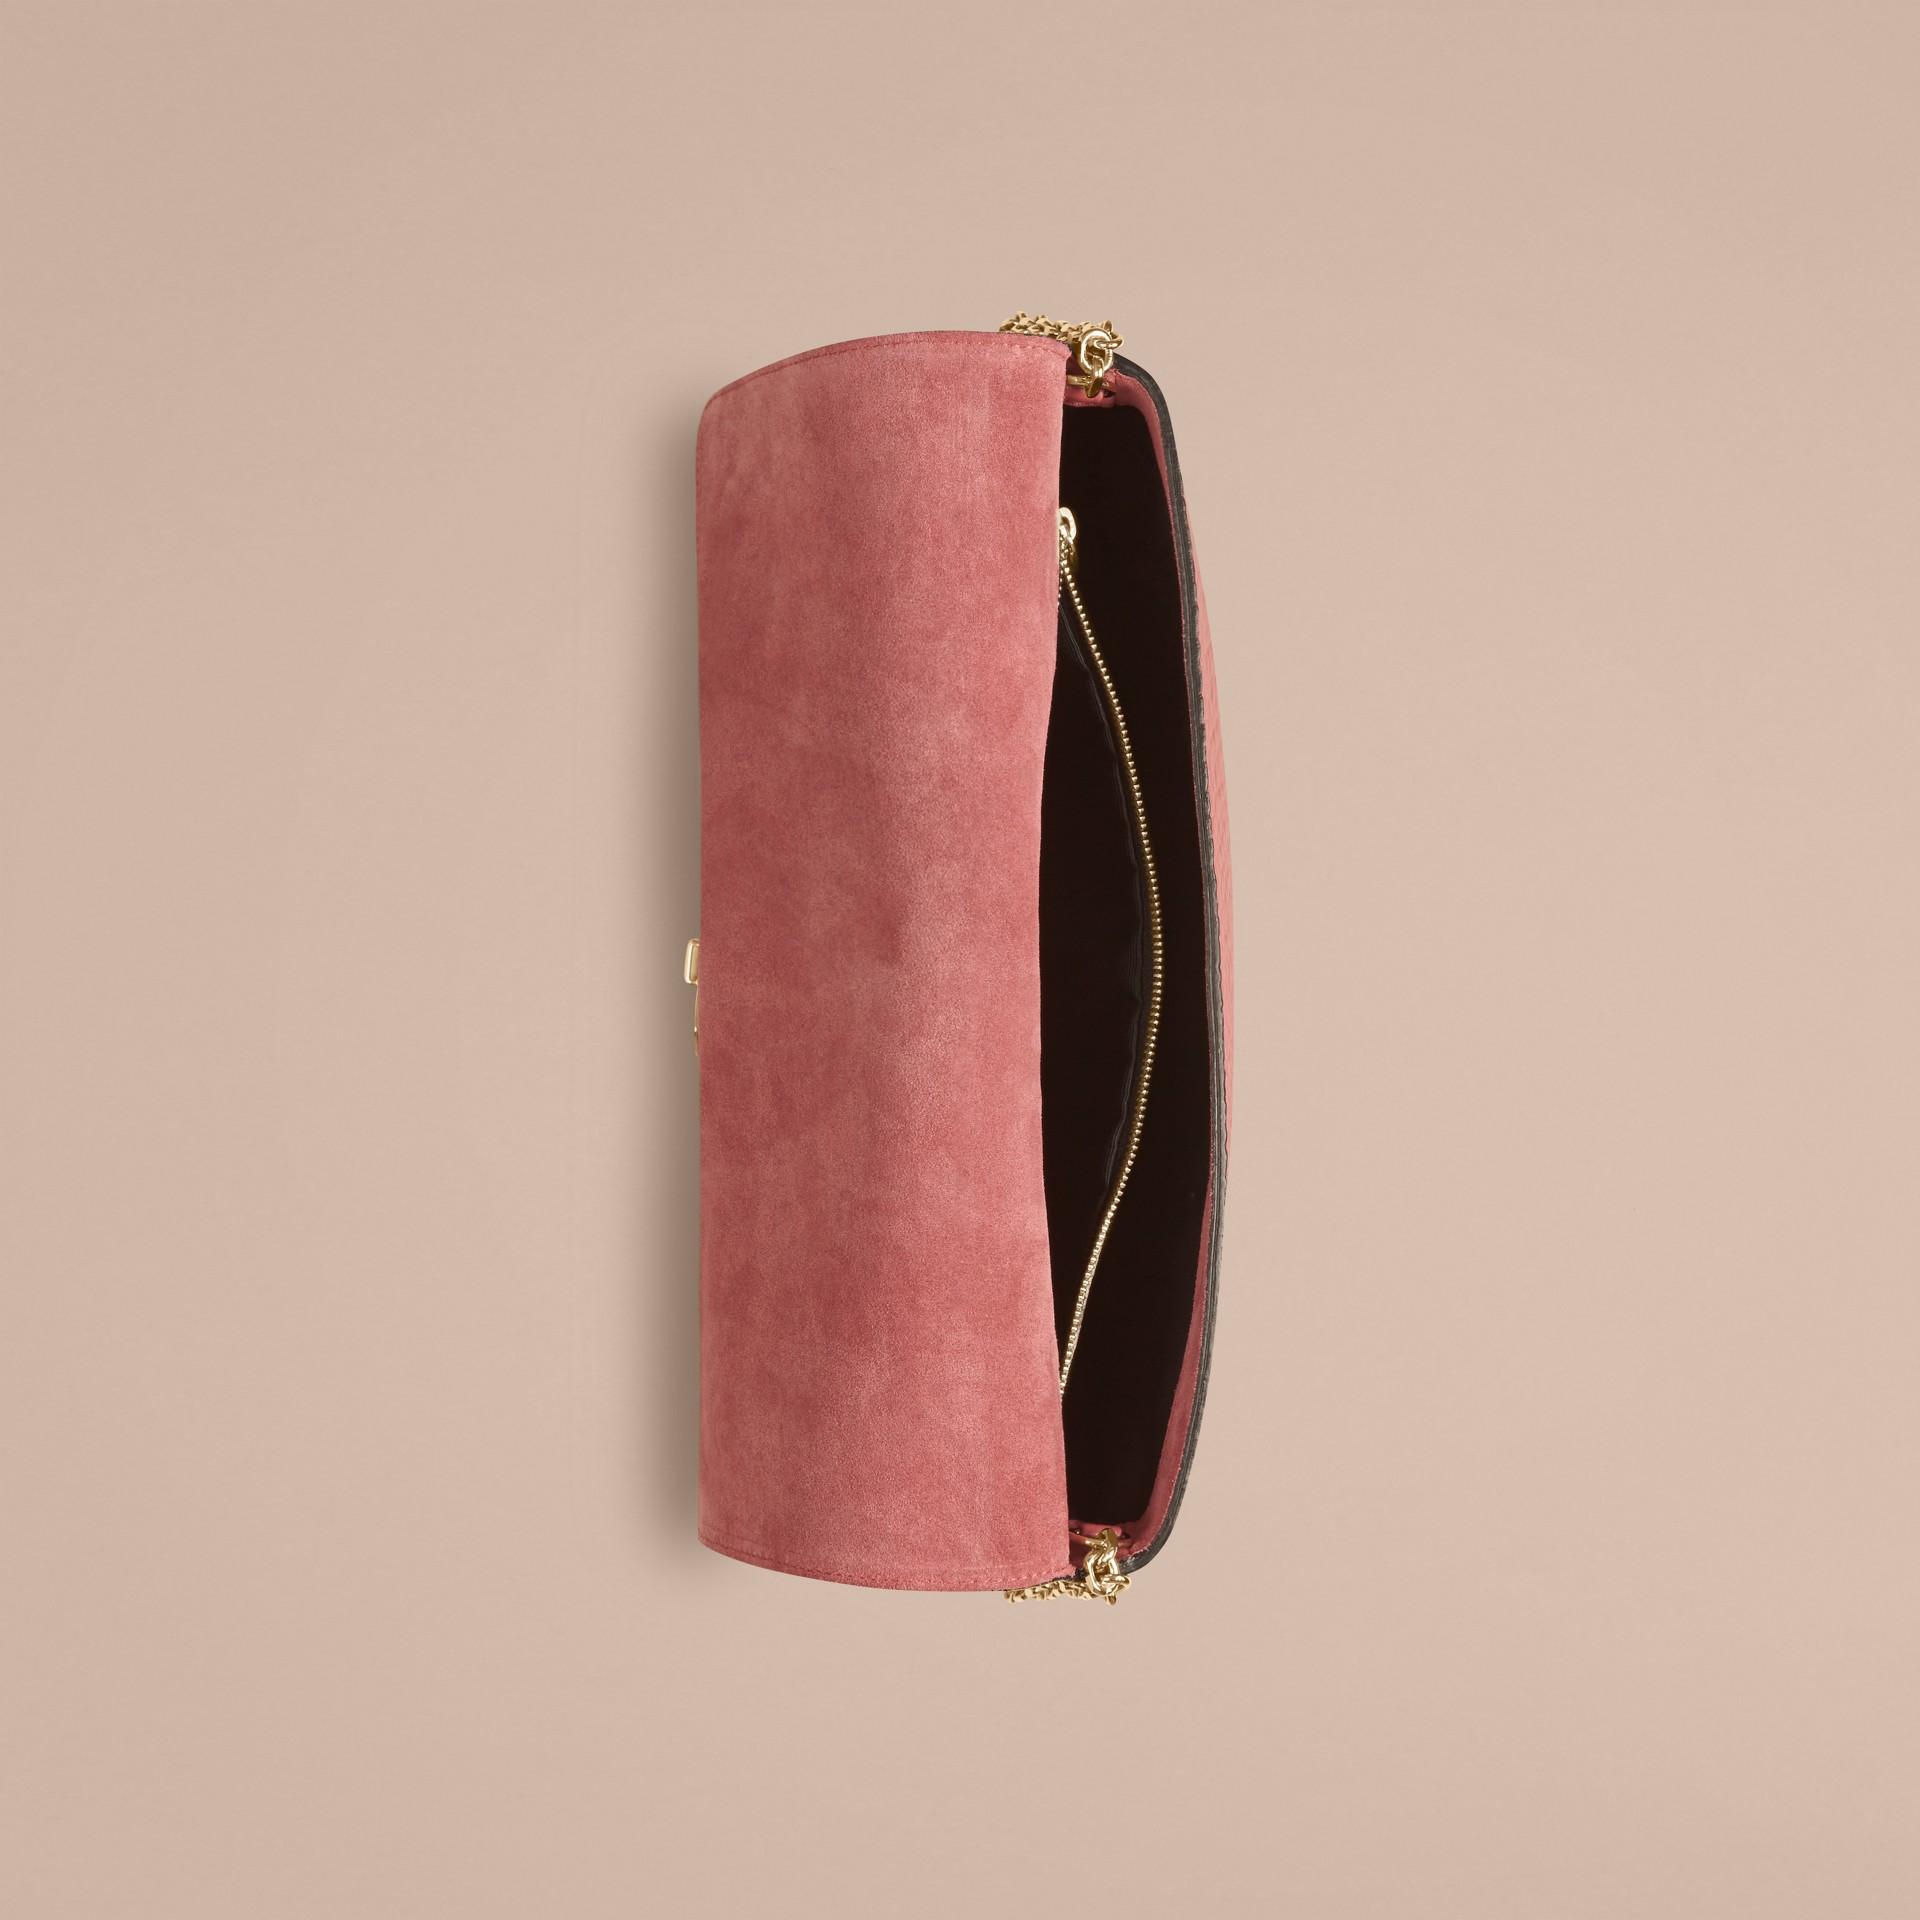 Rosa antico Pochette media in pelle a grana Burberry Rosa Antico - immagine della galleria 4